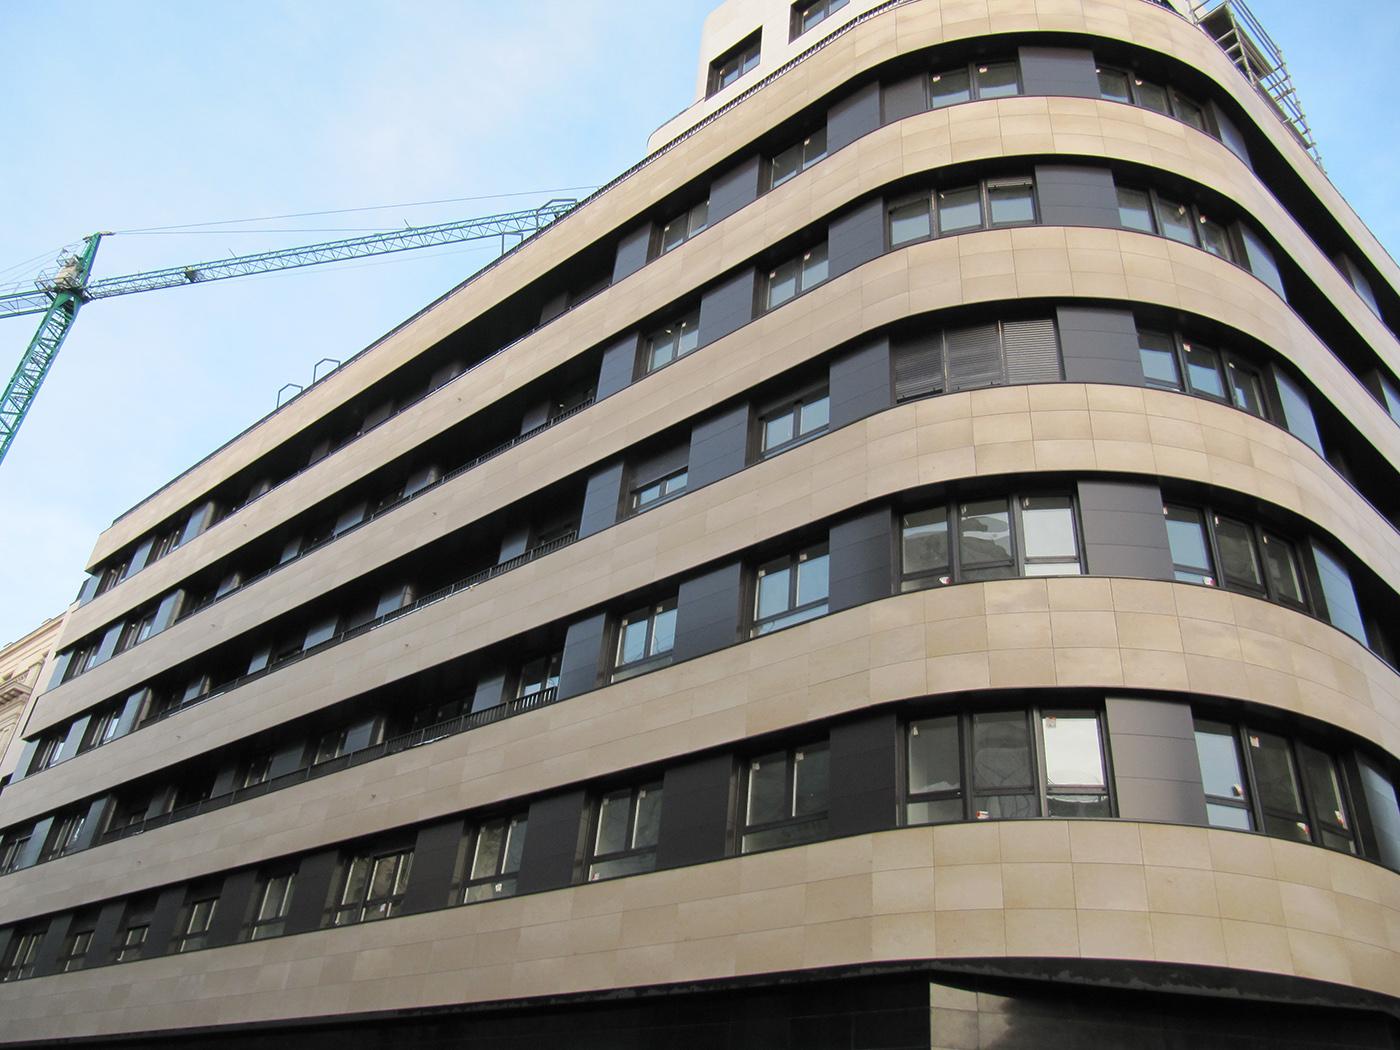 Fachadas ventiladas composite Bilbao